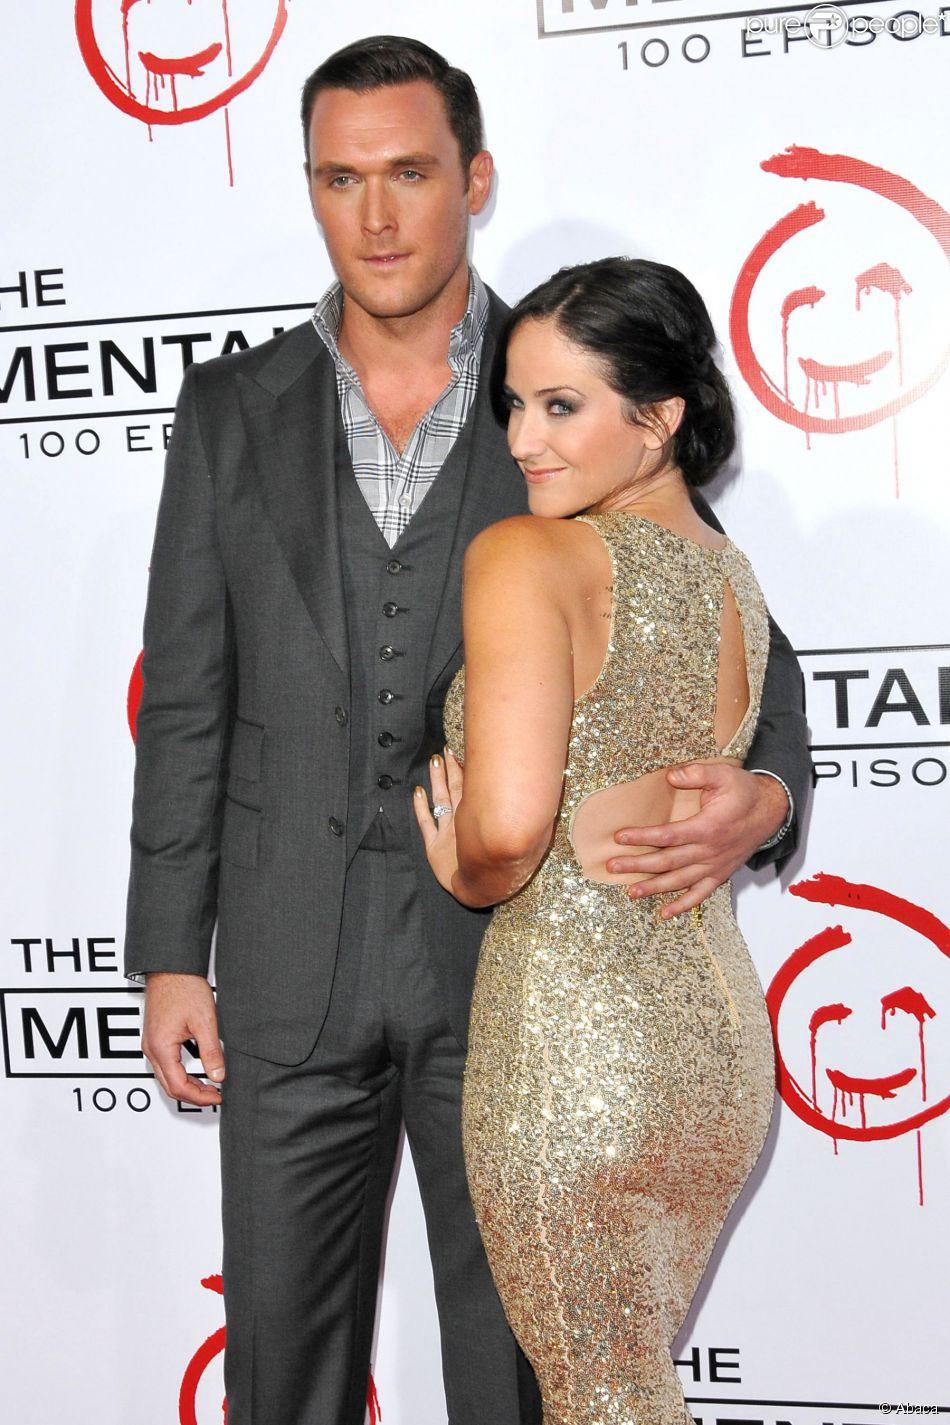 Owain Yeoman et sa compagne Gigi Yallouz le 13 octobre 2012 lors de la soirée célébrant le 100e épisode de la série  Mentalist , à Los Angeles. Le couple s'est marié le 7 septembre 2013 à Malibu.